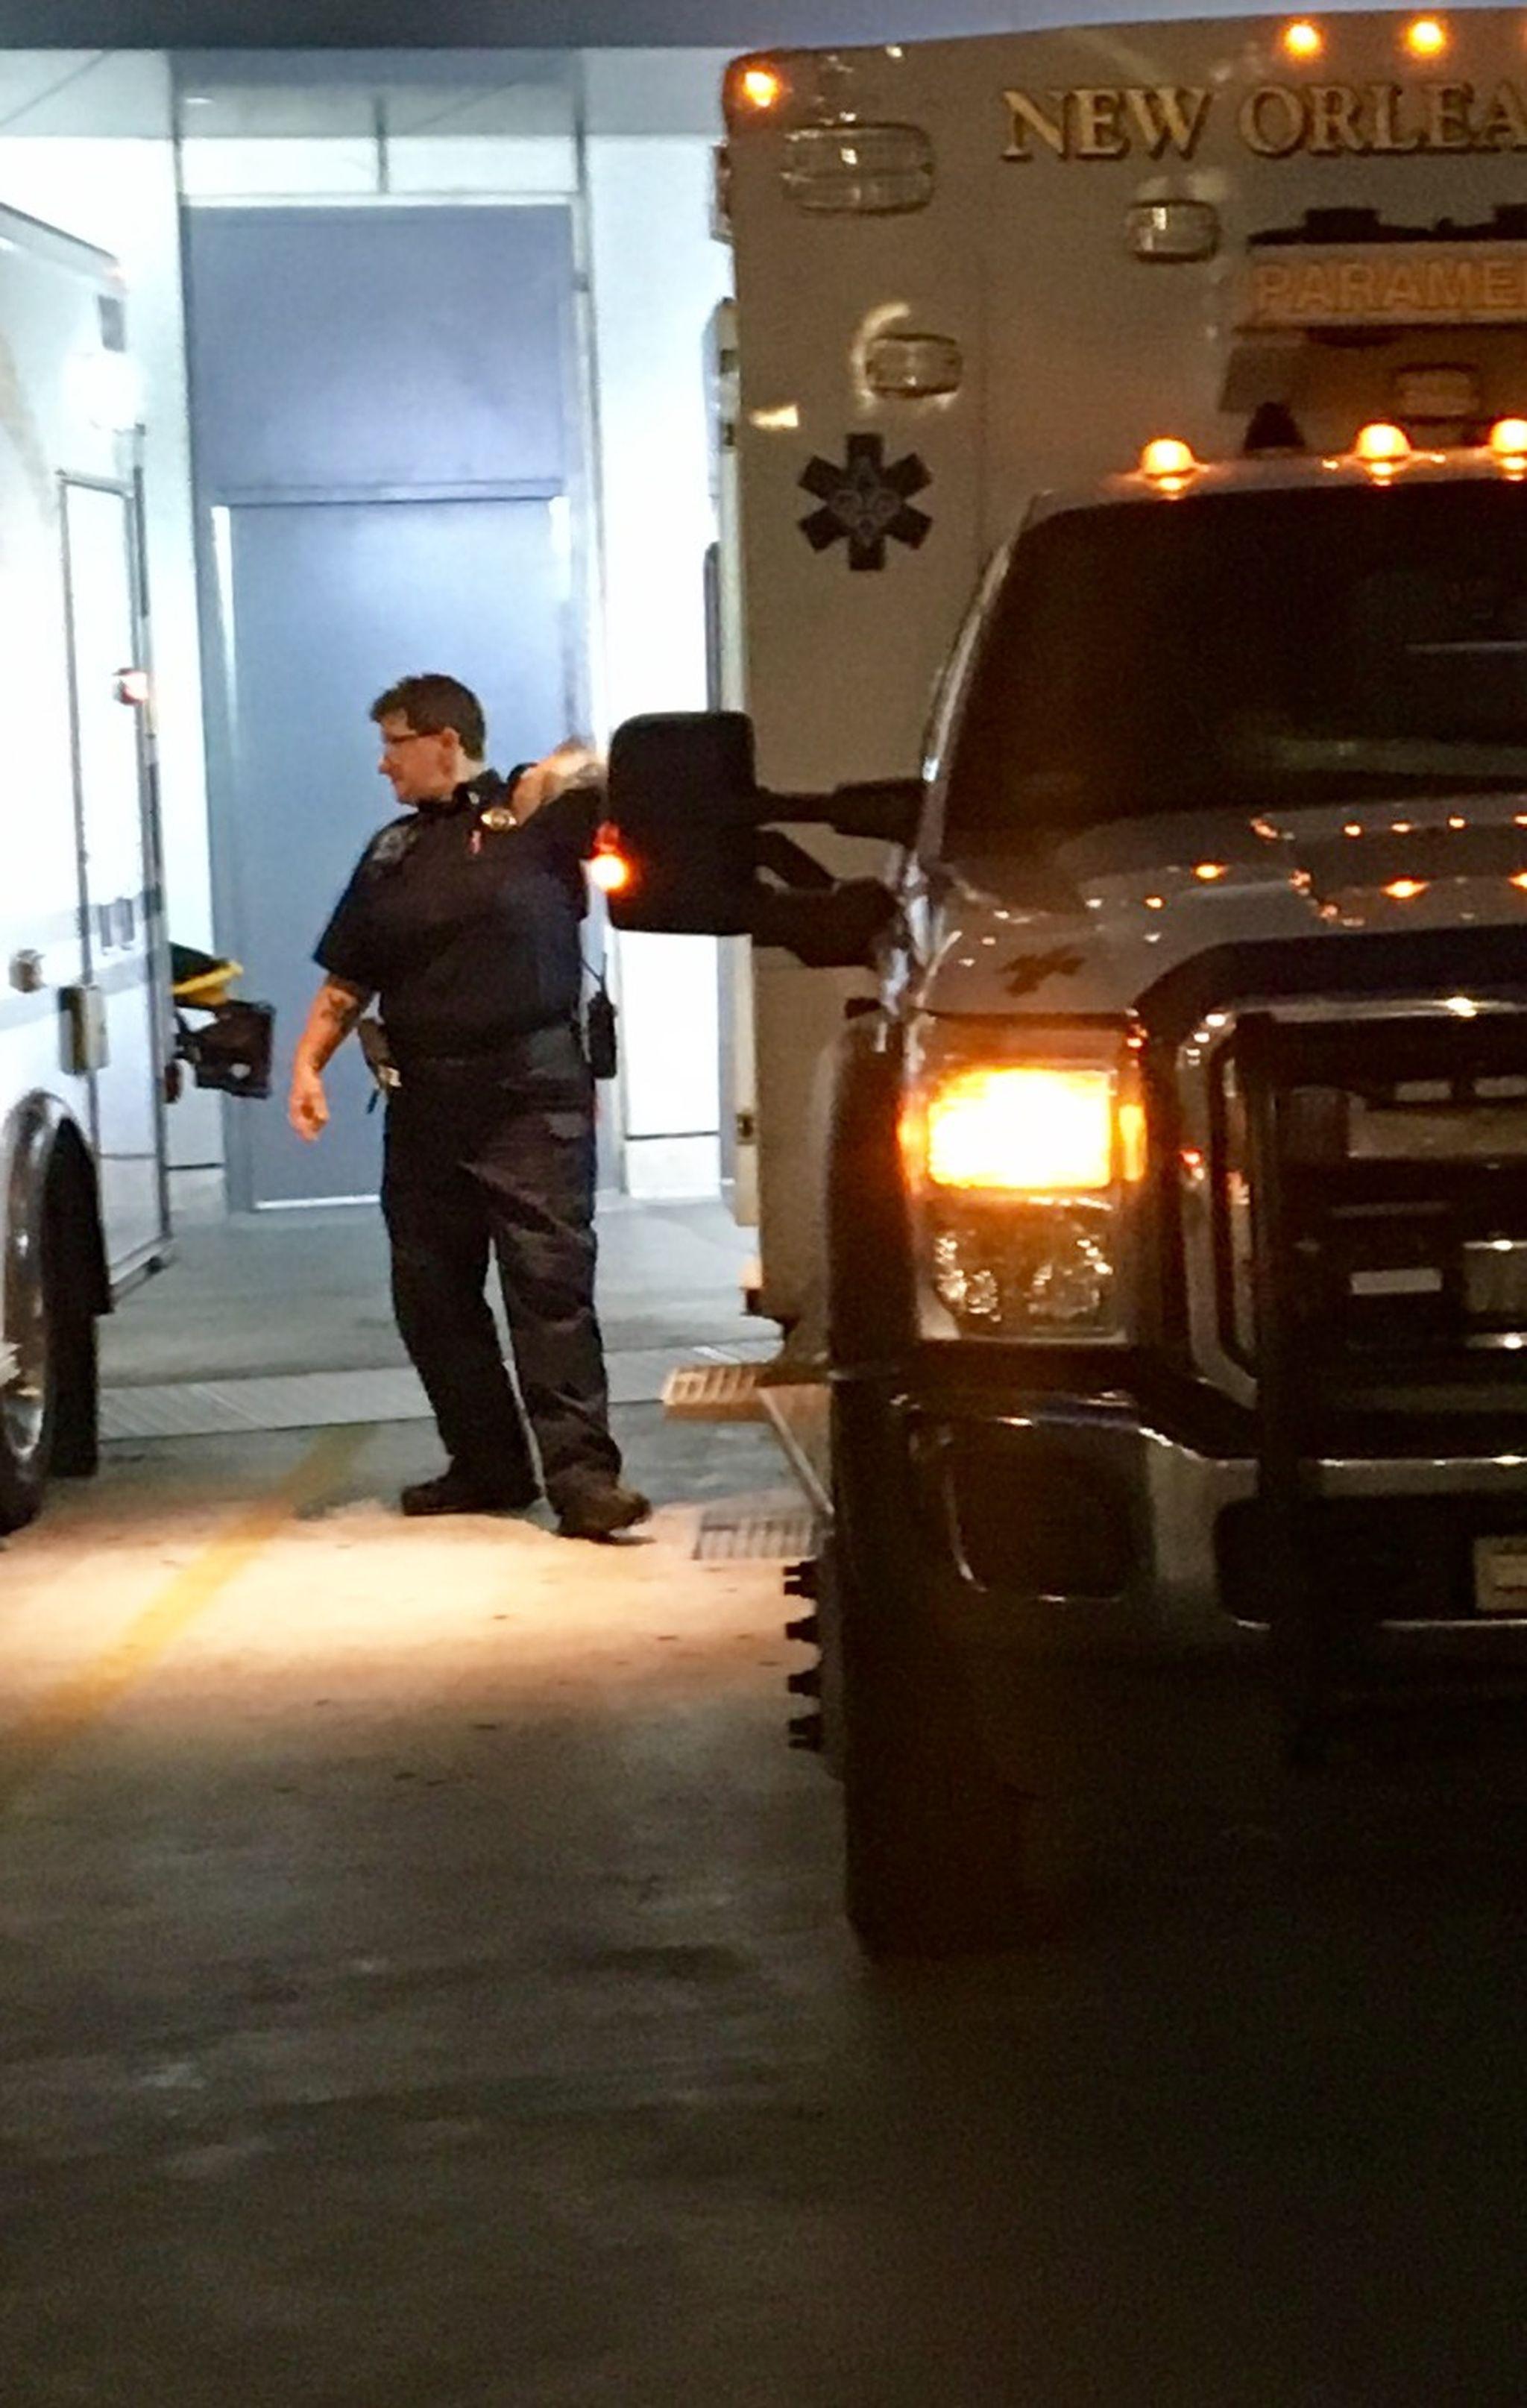 FullSizeRender8 L' Ambulancier : le site de référence EMS Nouvelle Orléans - Un ambulancier parmi les paramedics